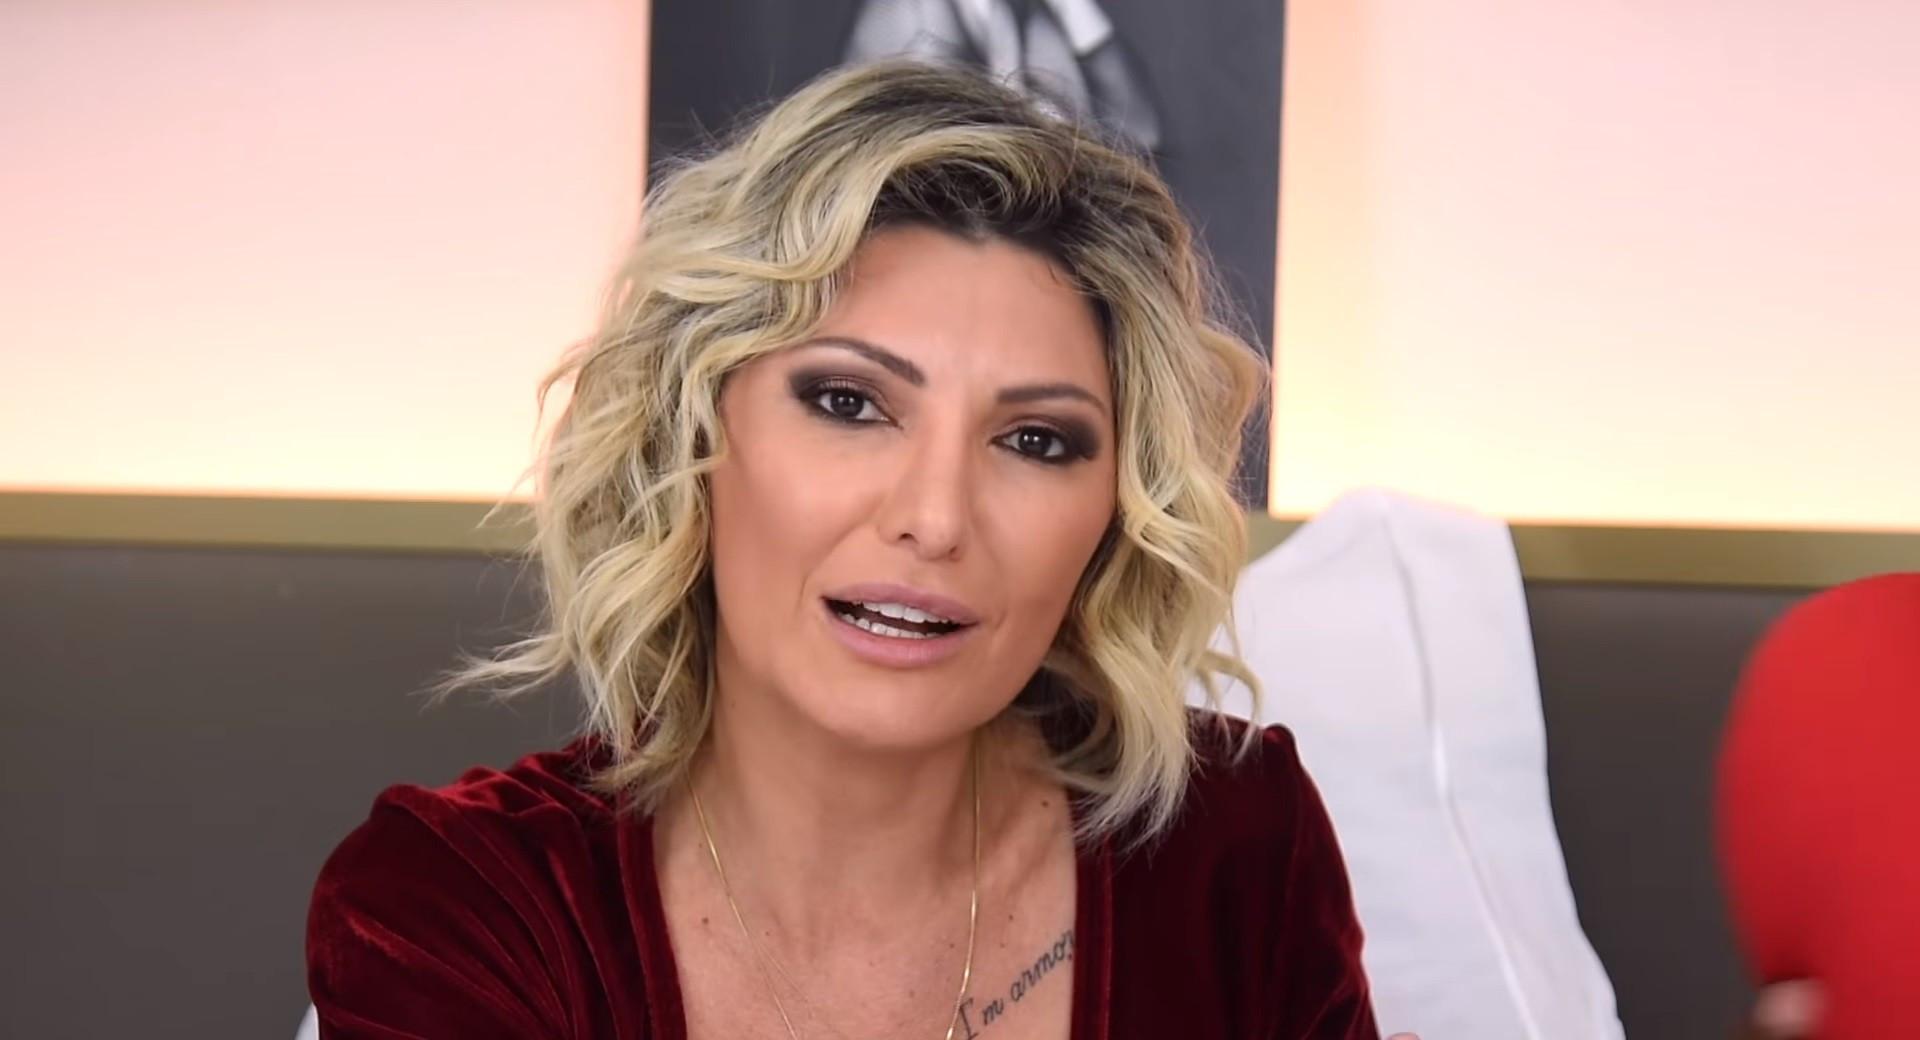 Fontenelle ataca Anitta e famosas por corrente contra Bolsonaro